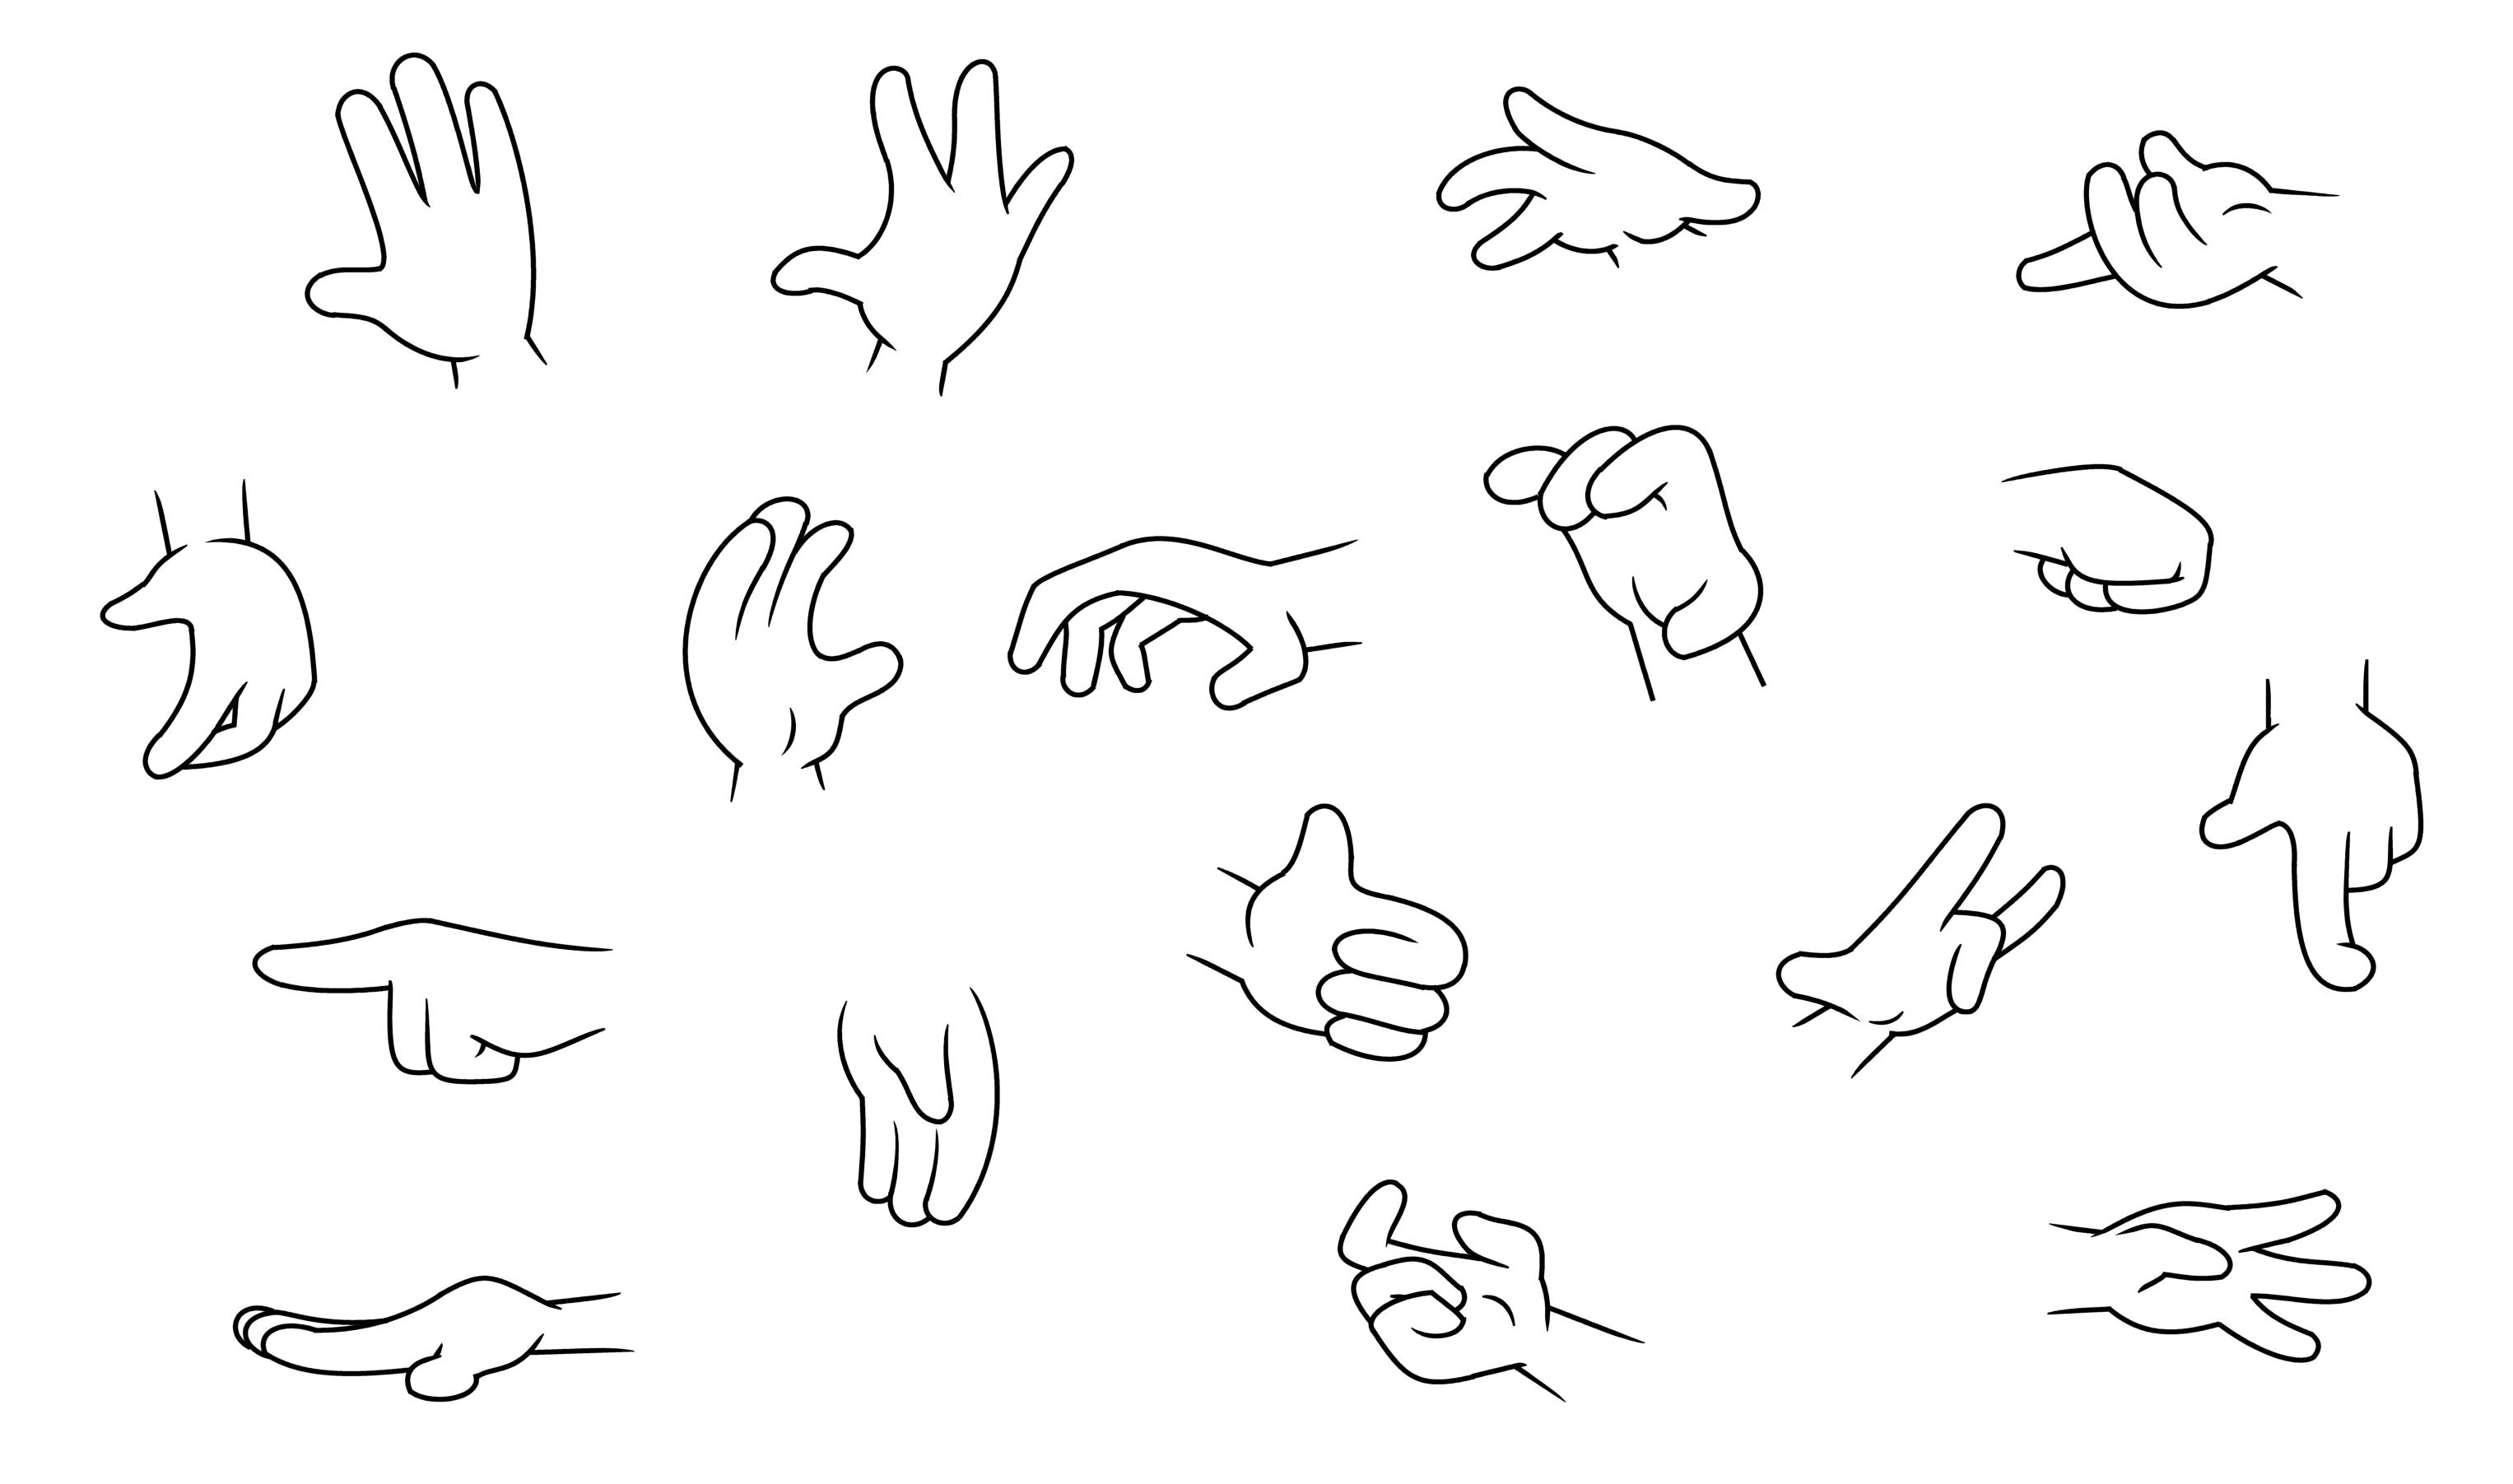 Four Finger Cartoon Hands